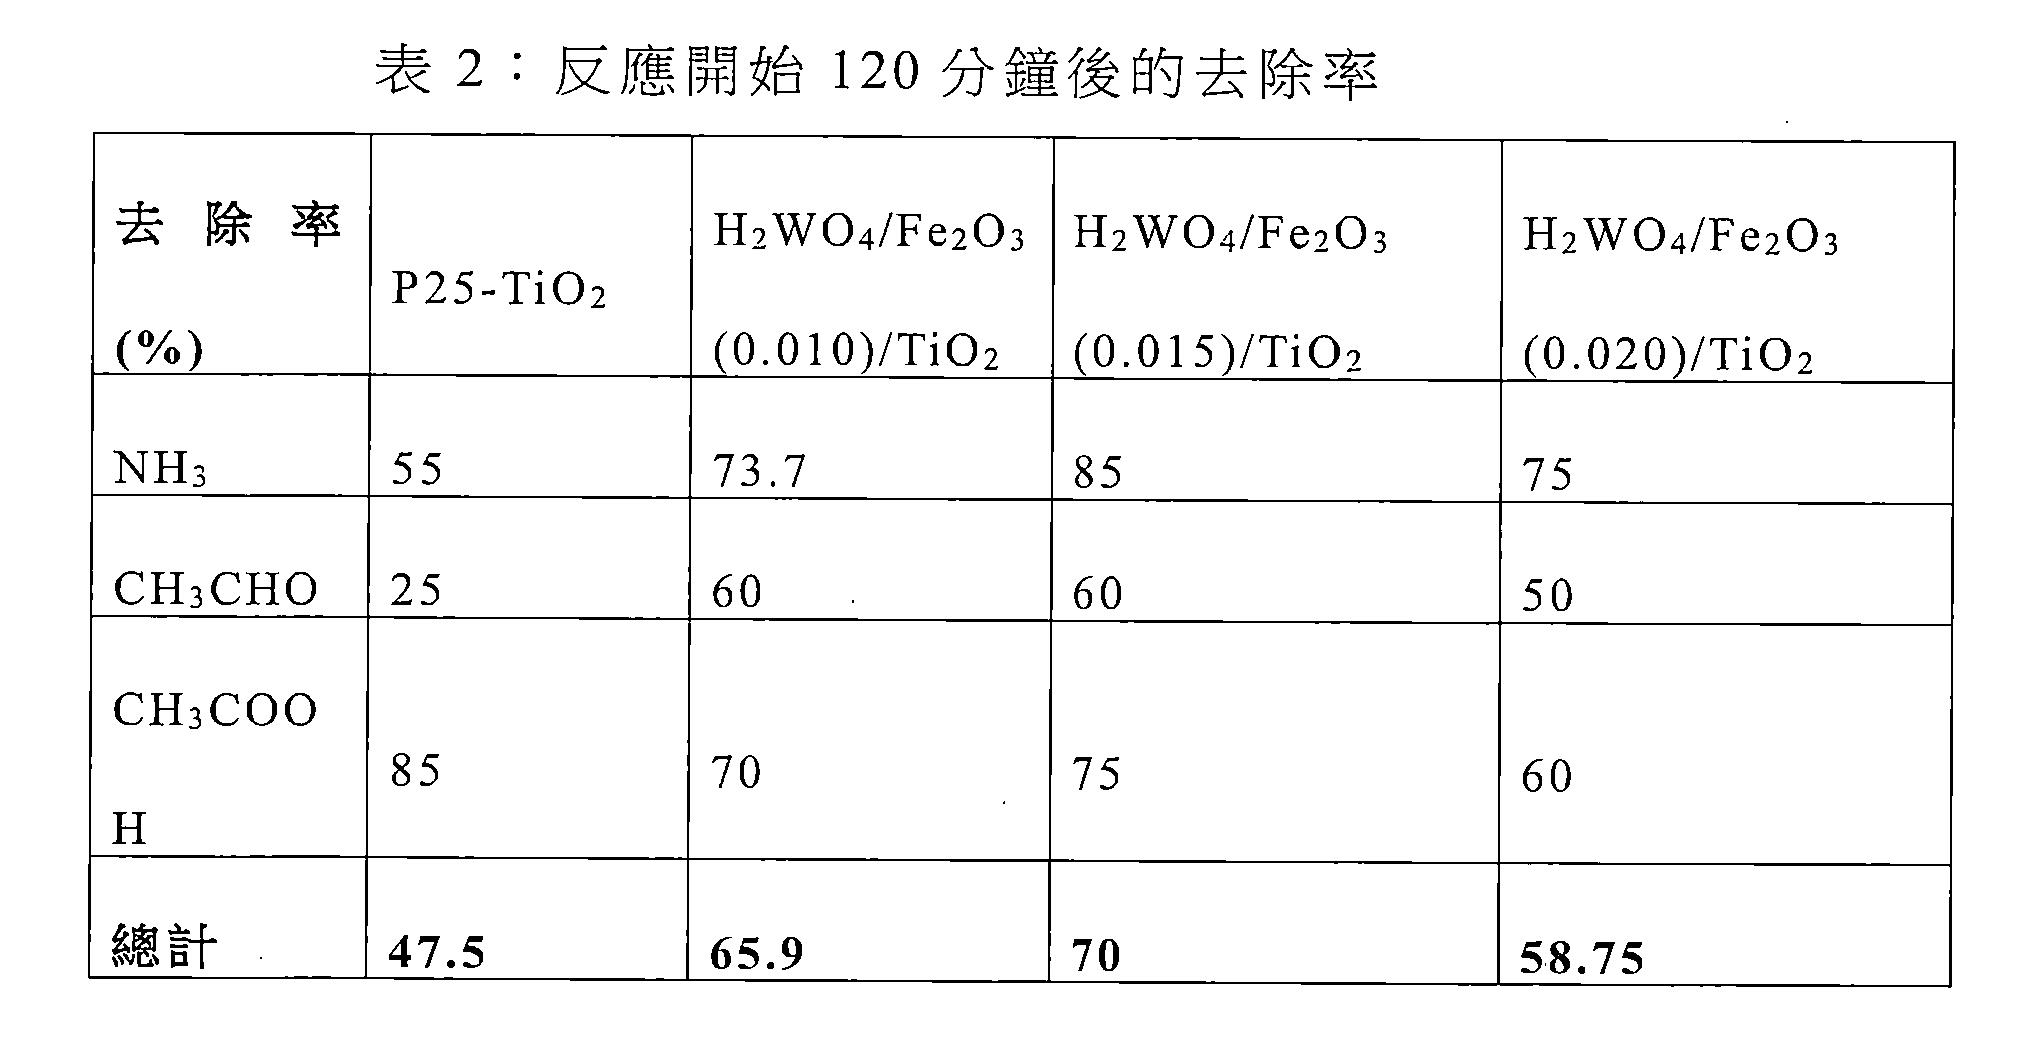 Figure TWI609718BD00003